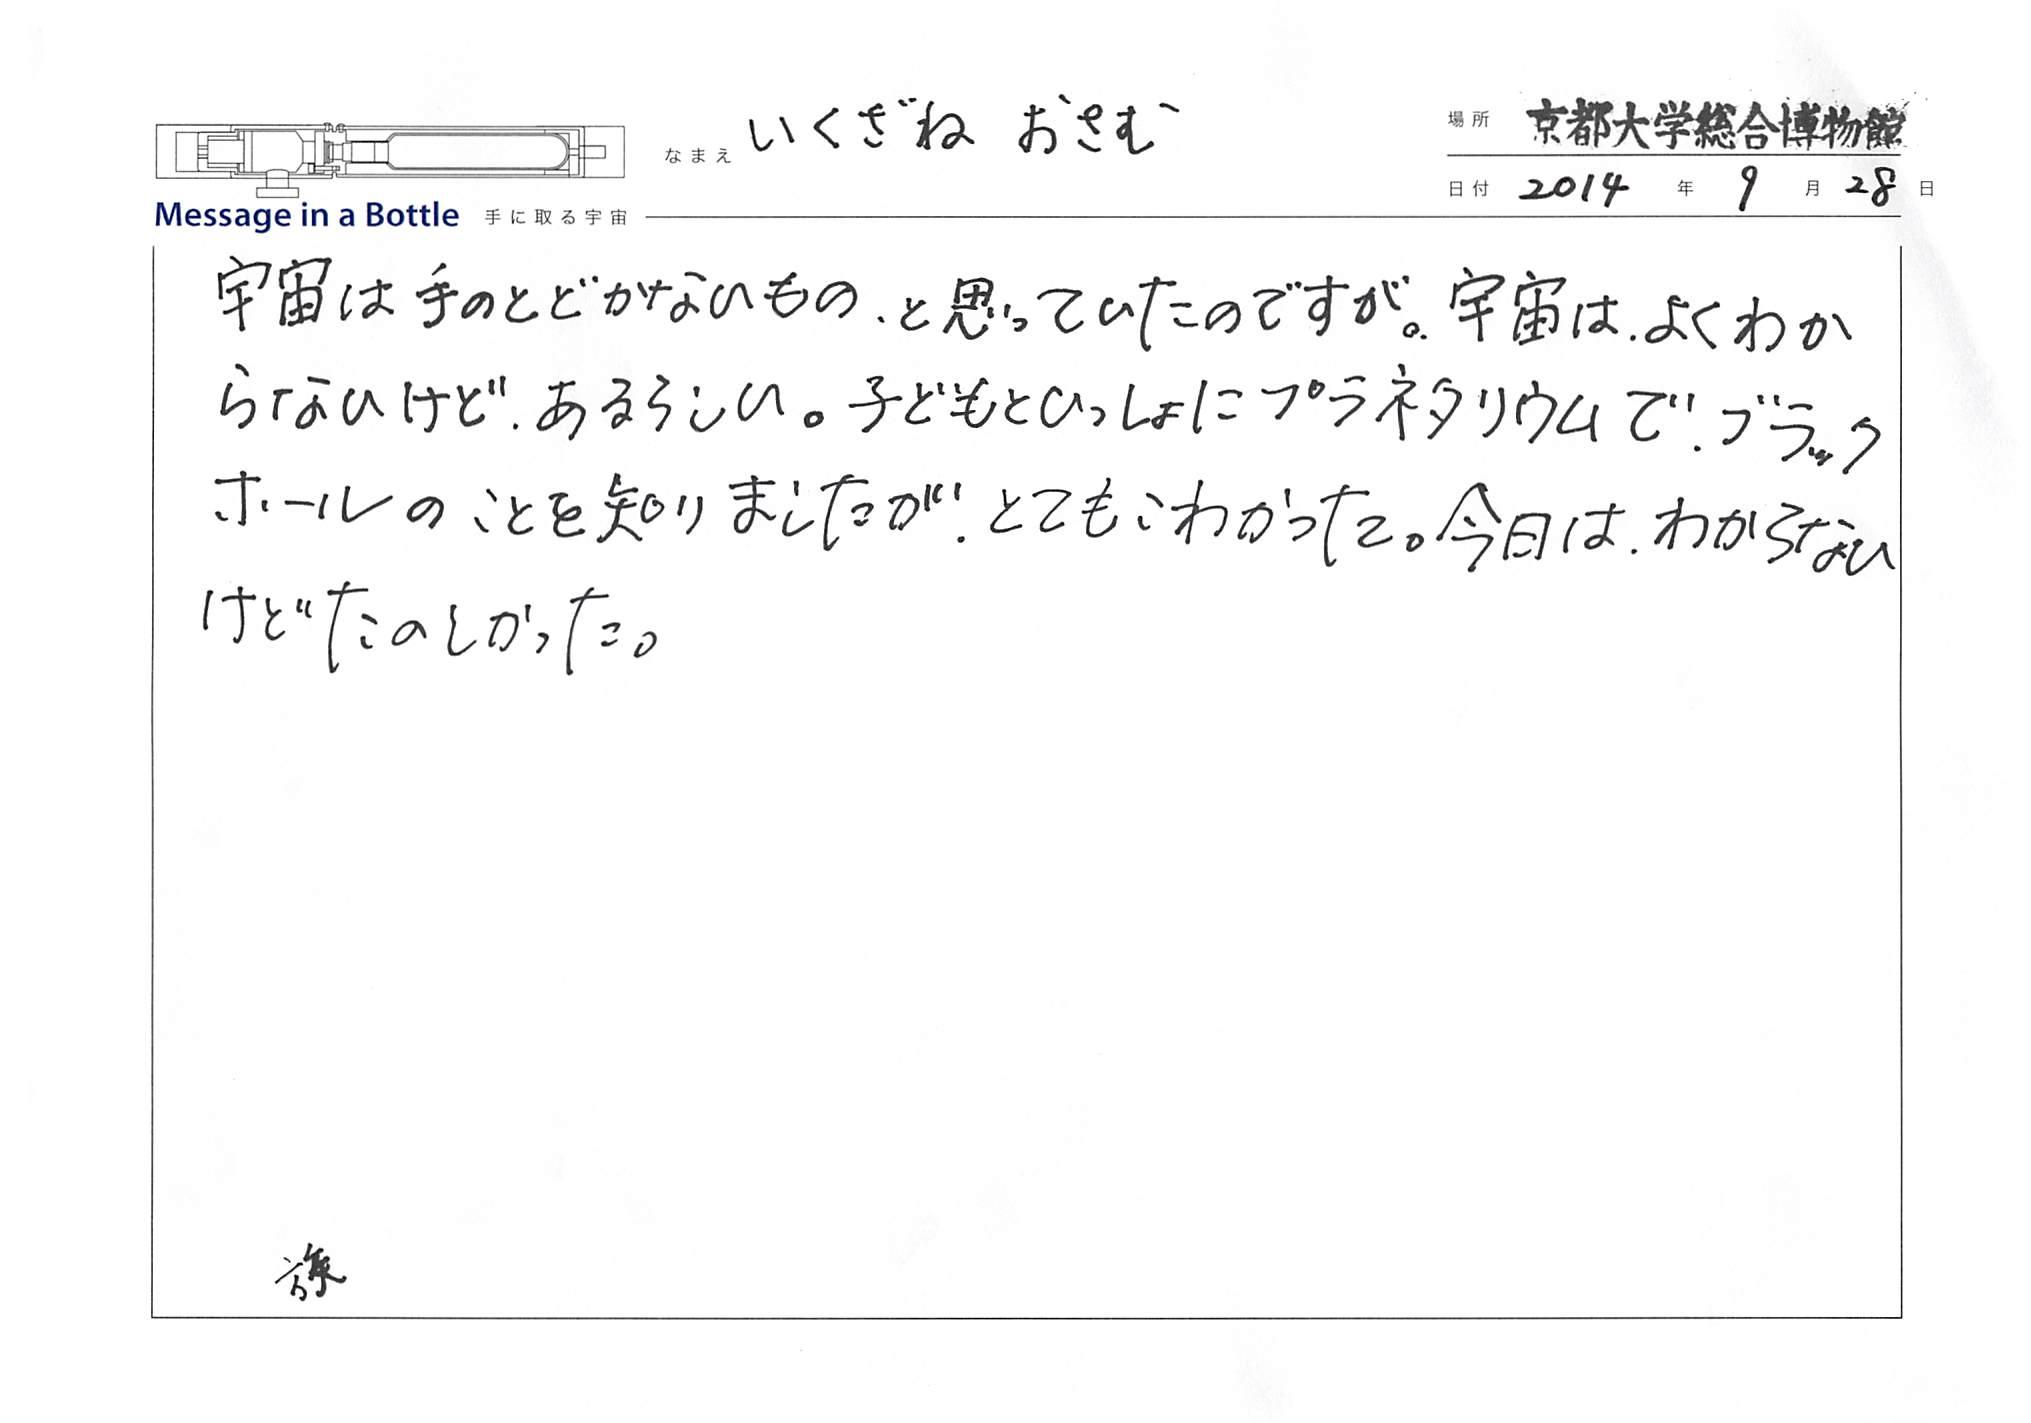 2014-09-28-16-23-56.jpg